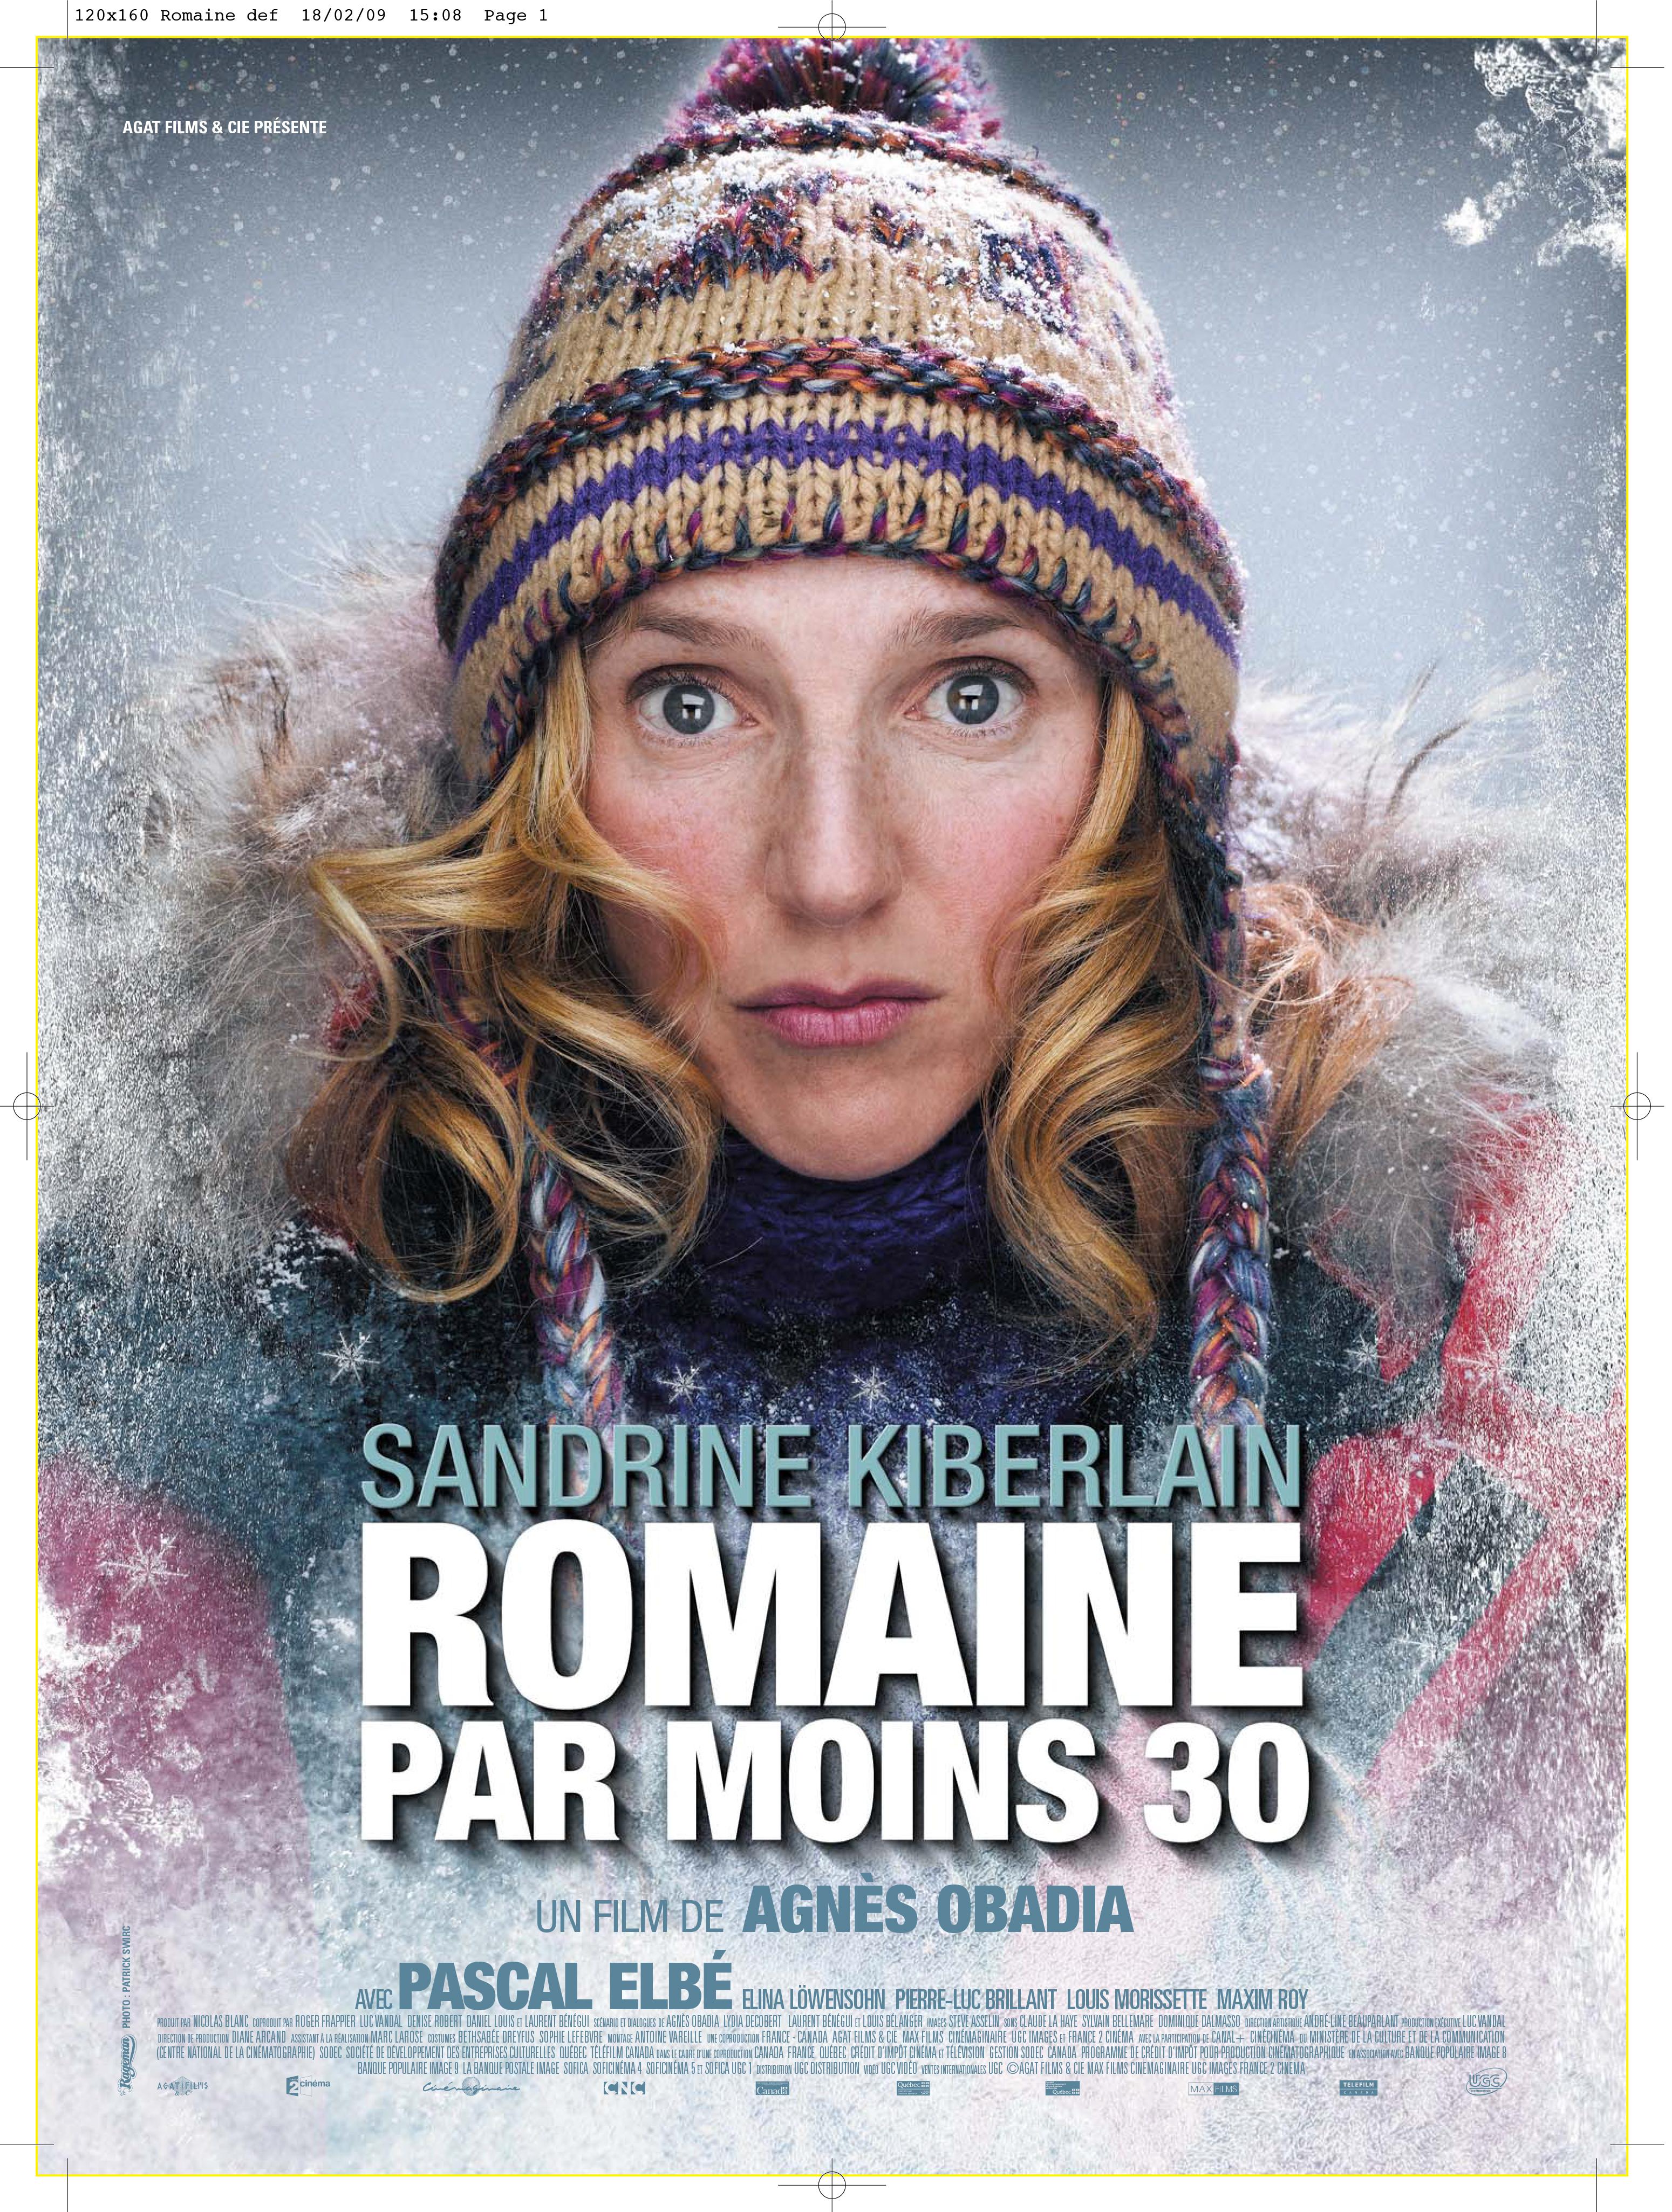 Sandrine Kiberlain in Romaine par moins 30 (2009)